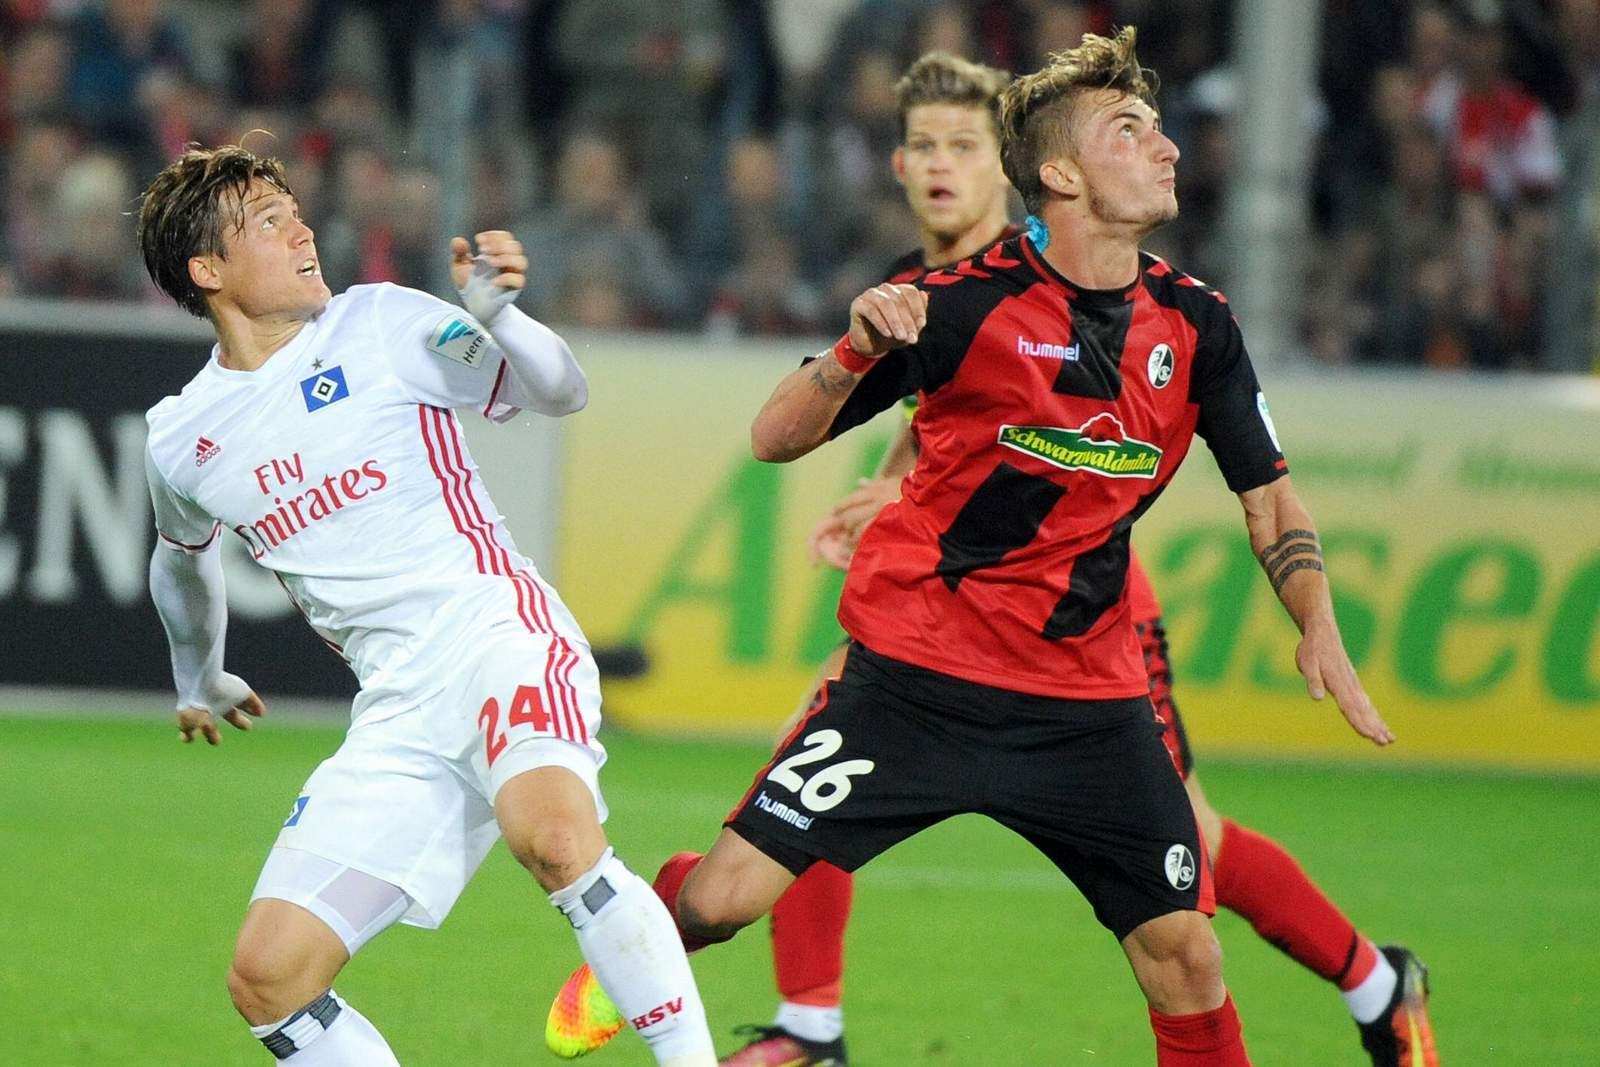 Setzt sich Sakai gegen Philipp durch? Jetzt auf HSV gegen Freiburg wetten